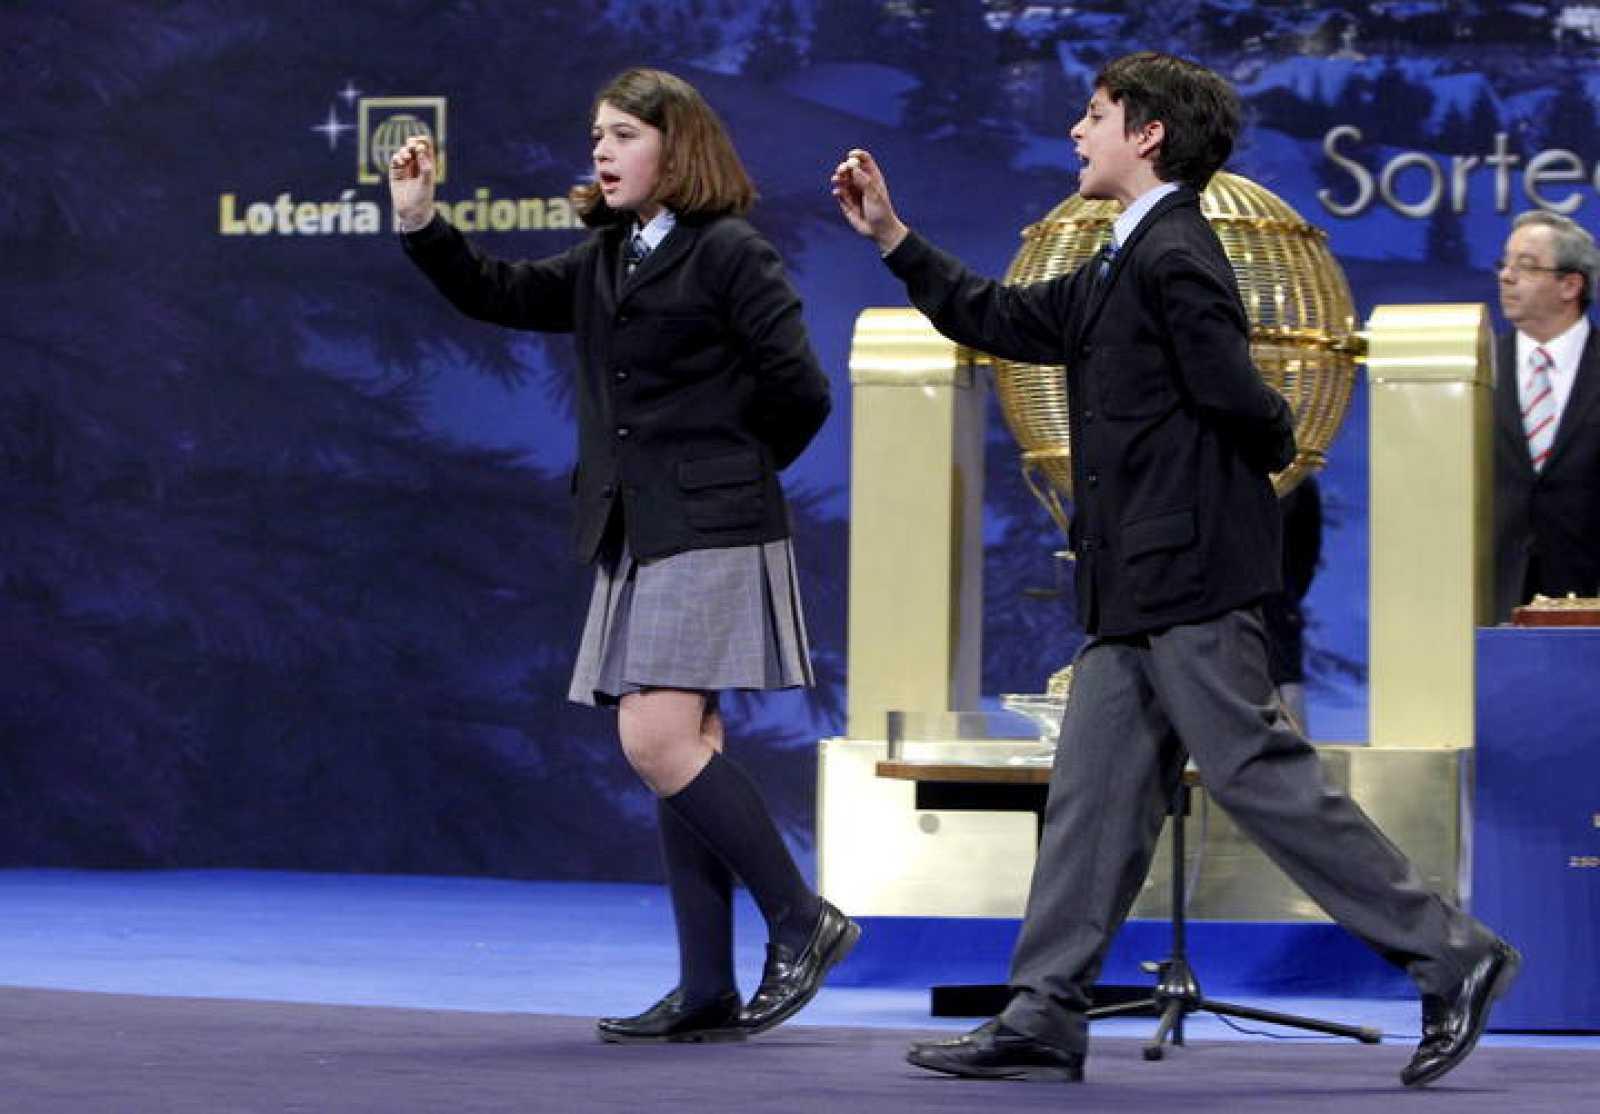 Andrea Ladrón de Guevara y Joel Fernández Godos cantan el número 62.246 que ha sido agraciado con el Gordo de Navidad